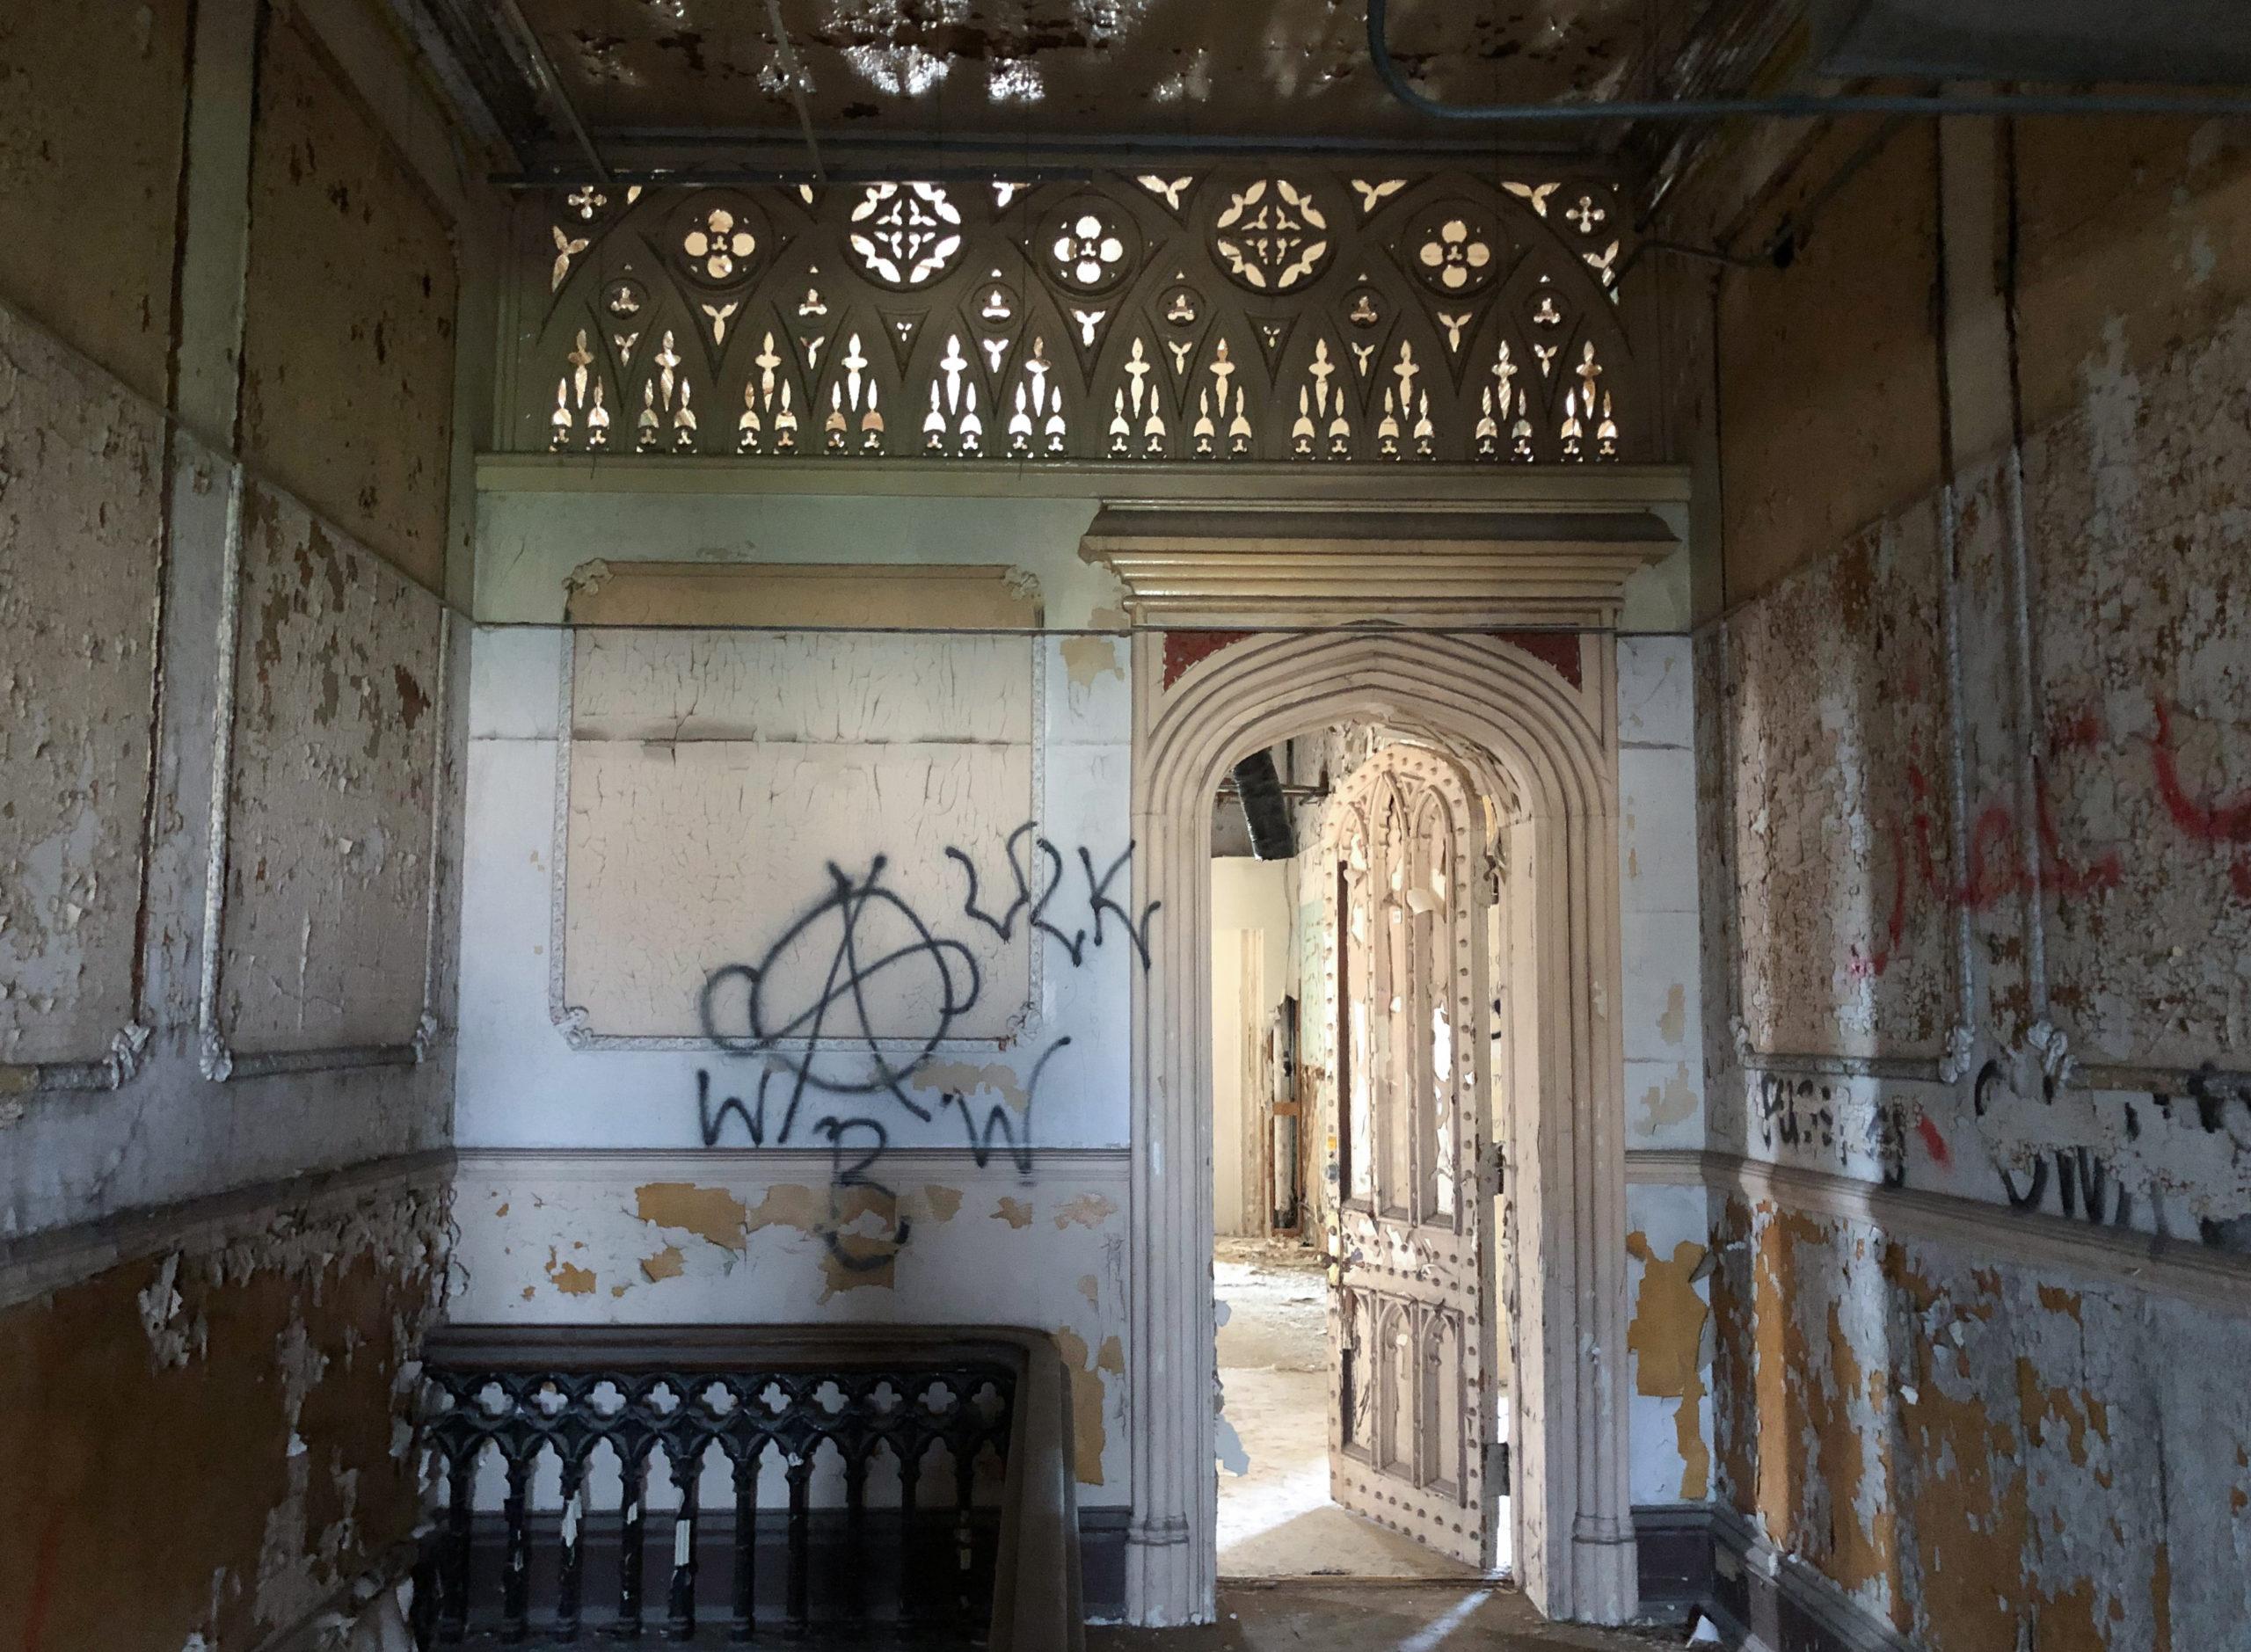 Eingang zum Direktorenzimmer im Old Joliet Prison